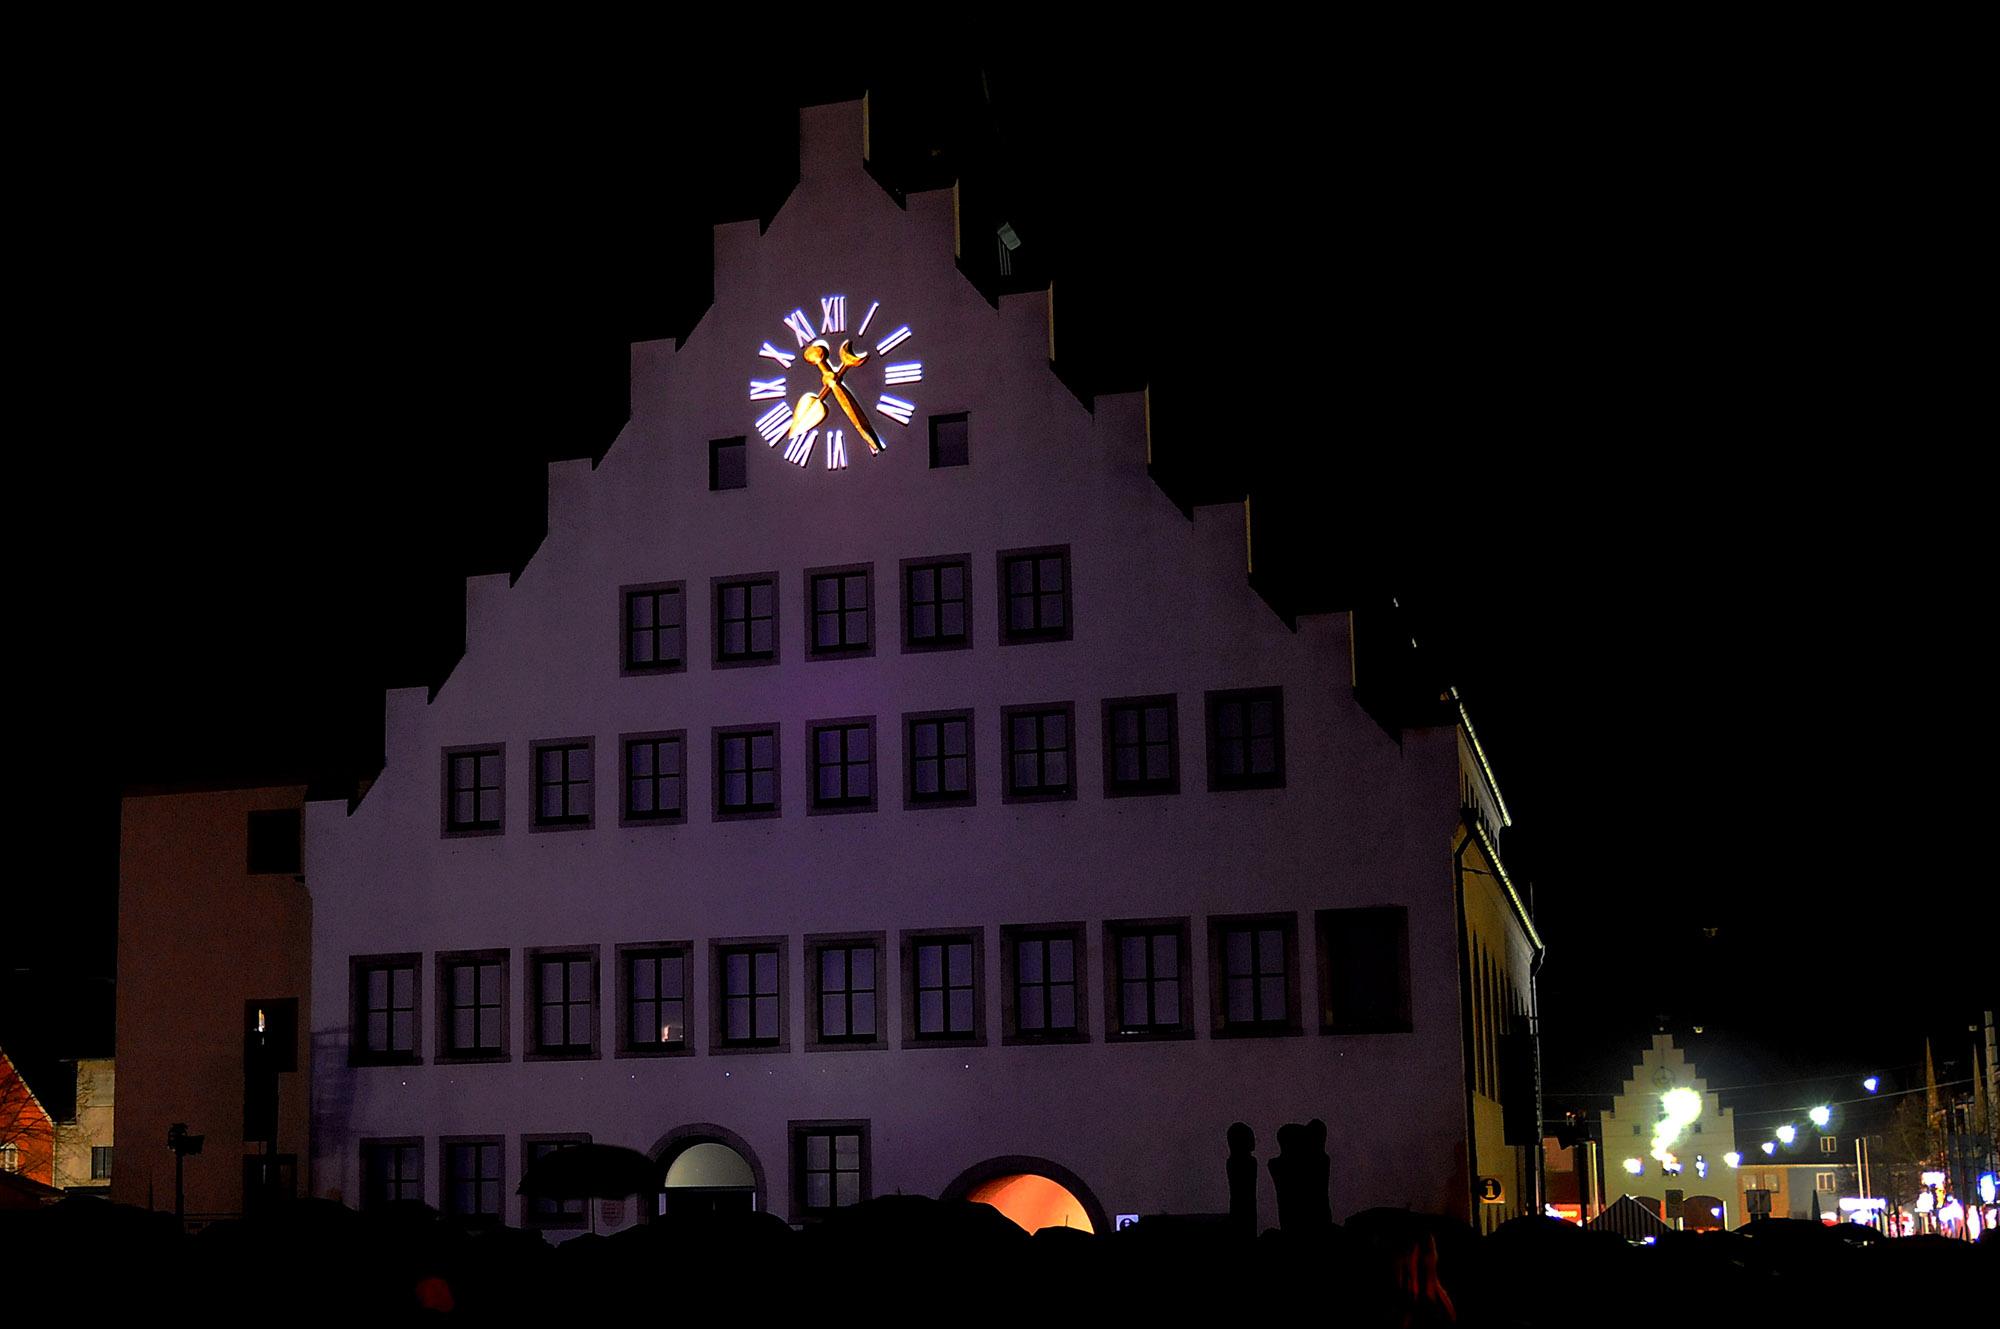 850JahreNeumarkt_Stadtgeschichte_2010_02.jpg